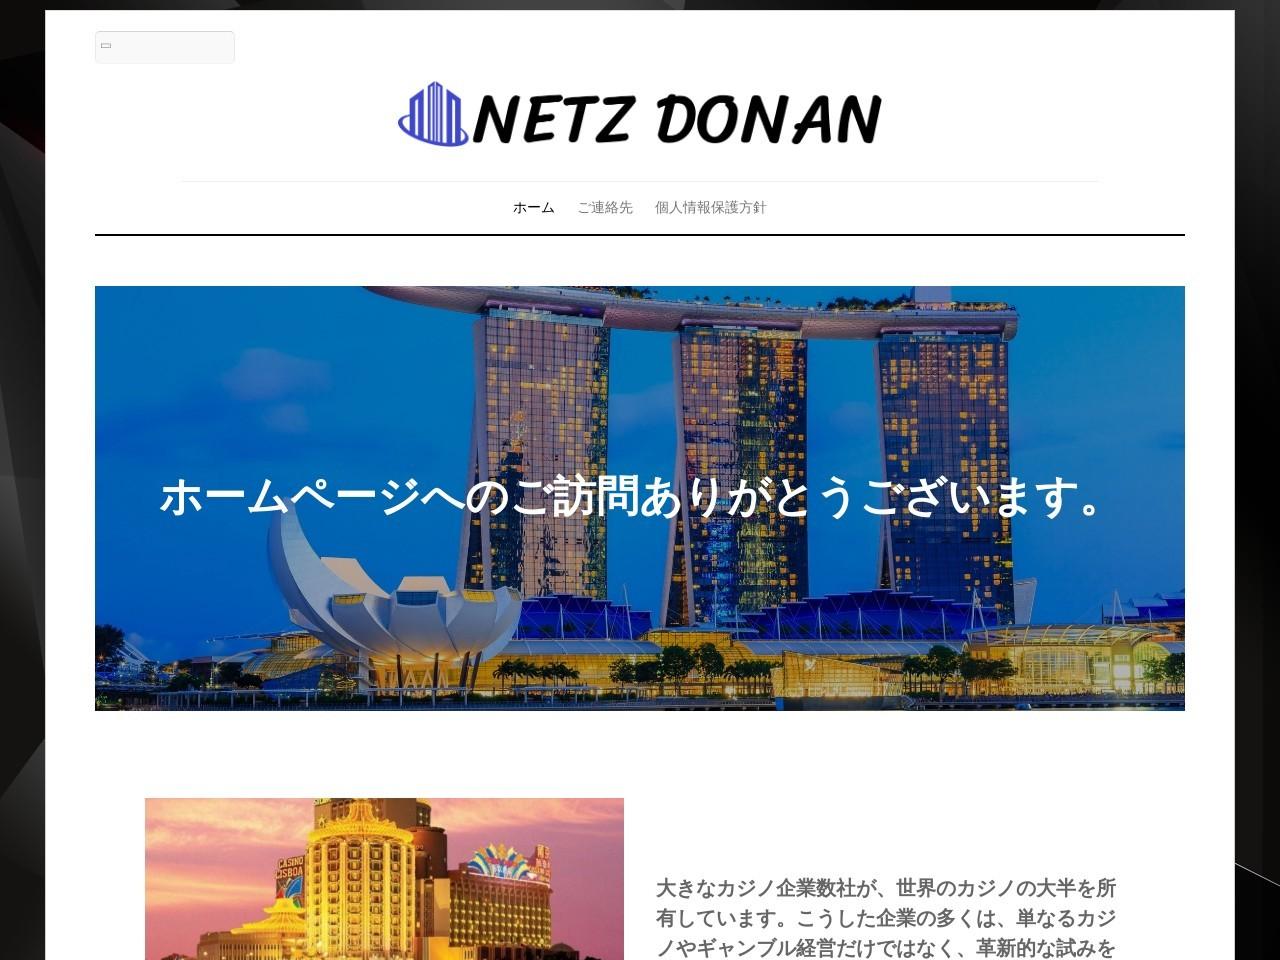 ネッツトヨタ道南株式会社/本社